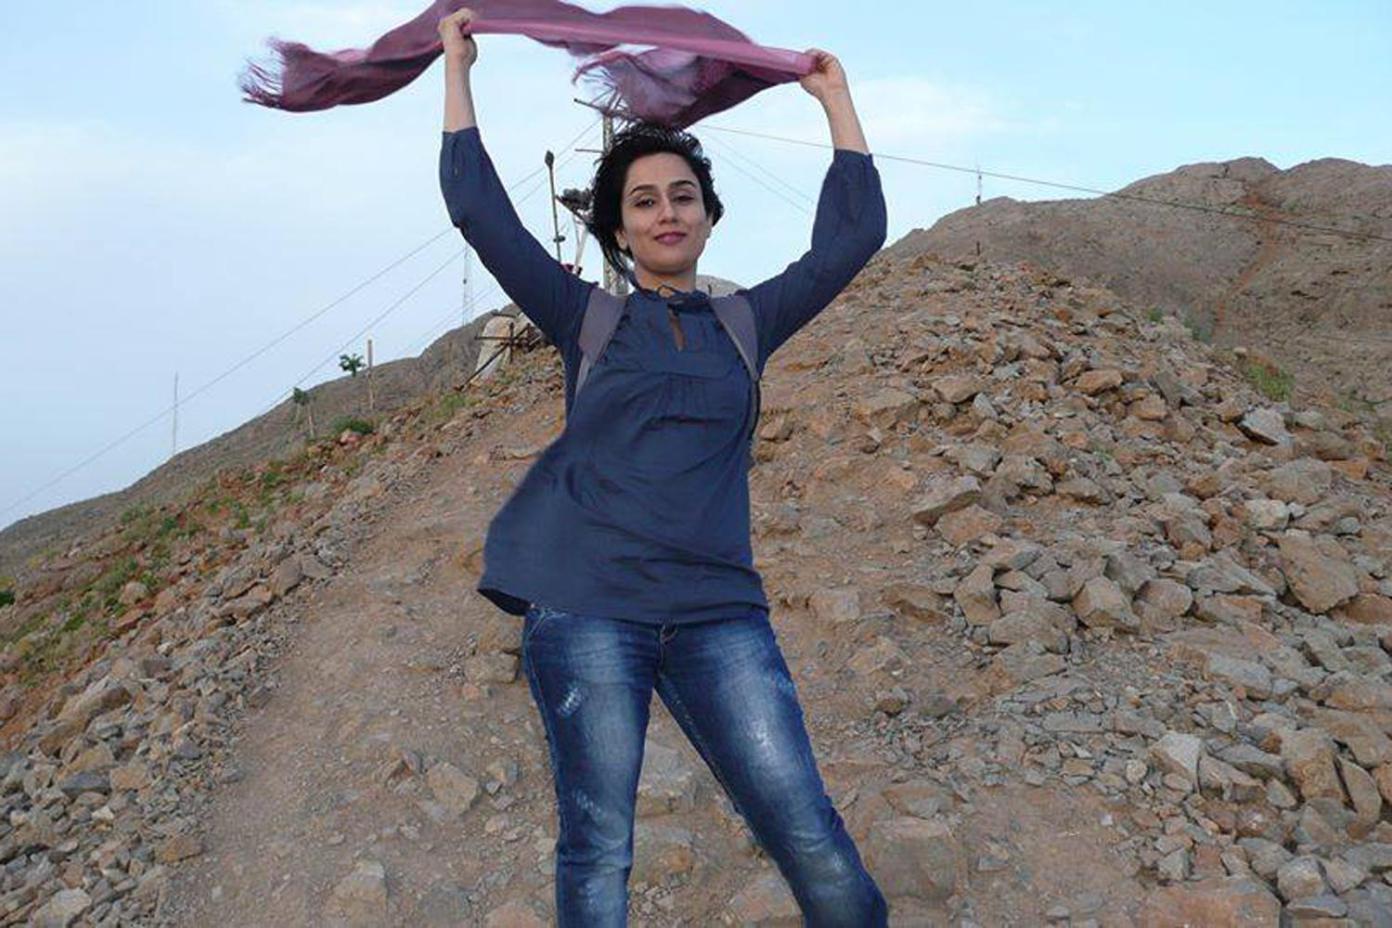 Pour protester contre les sévères restrictions qui règnent en république islamique d'Iran, des femmes ont décidé de s'afficher sur les réseaux sociaux sans leur voile pourtant obligatoire dans l'espace publique.